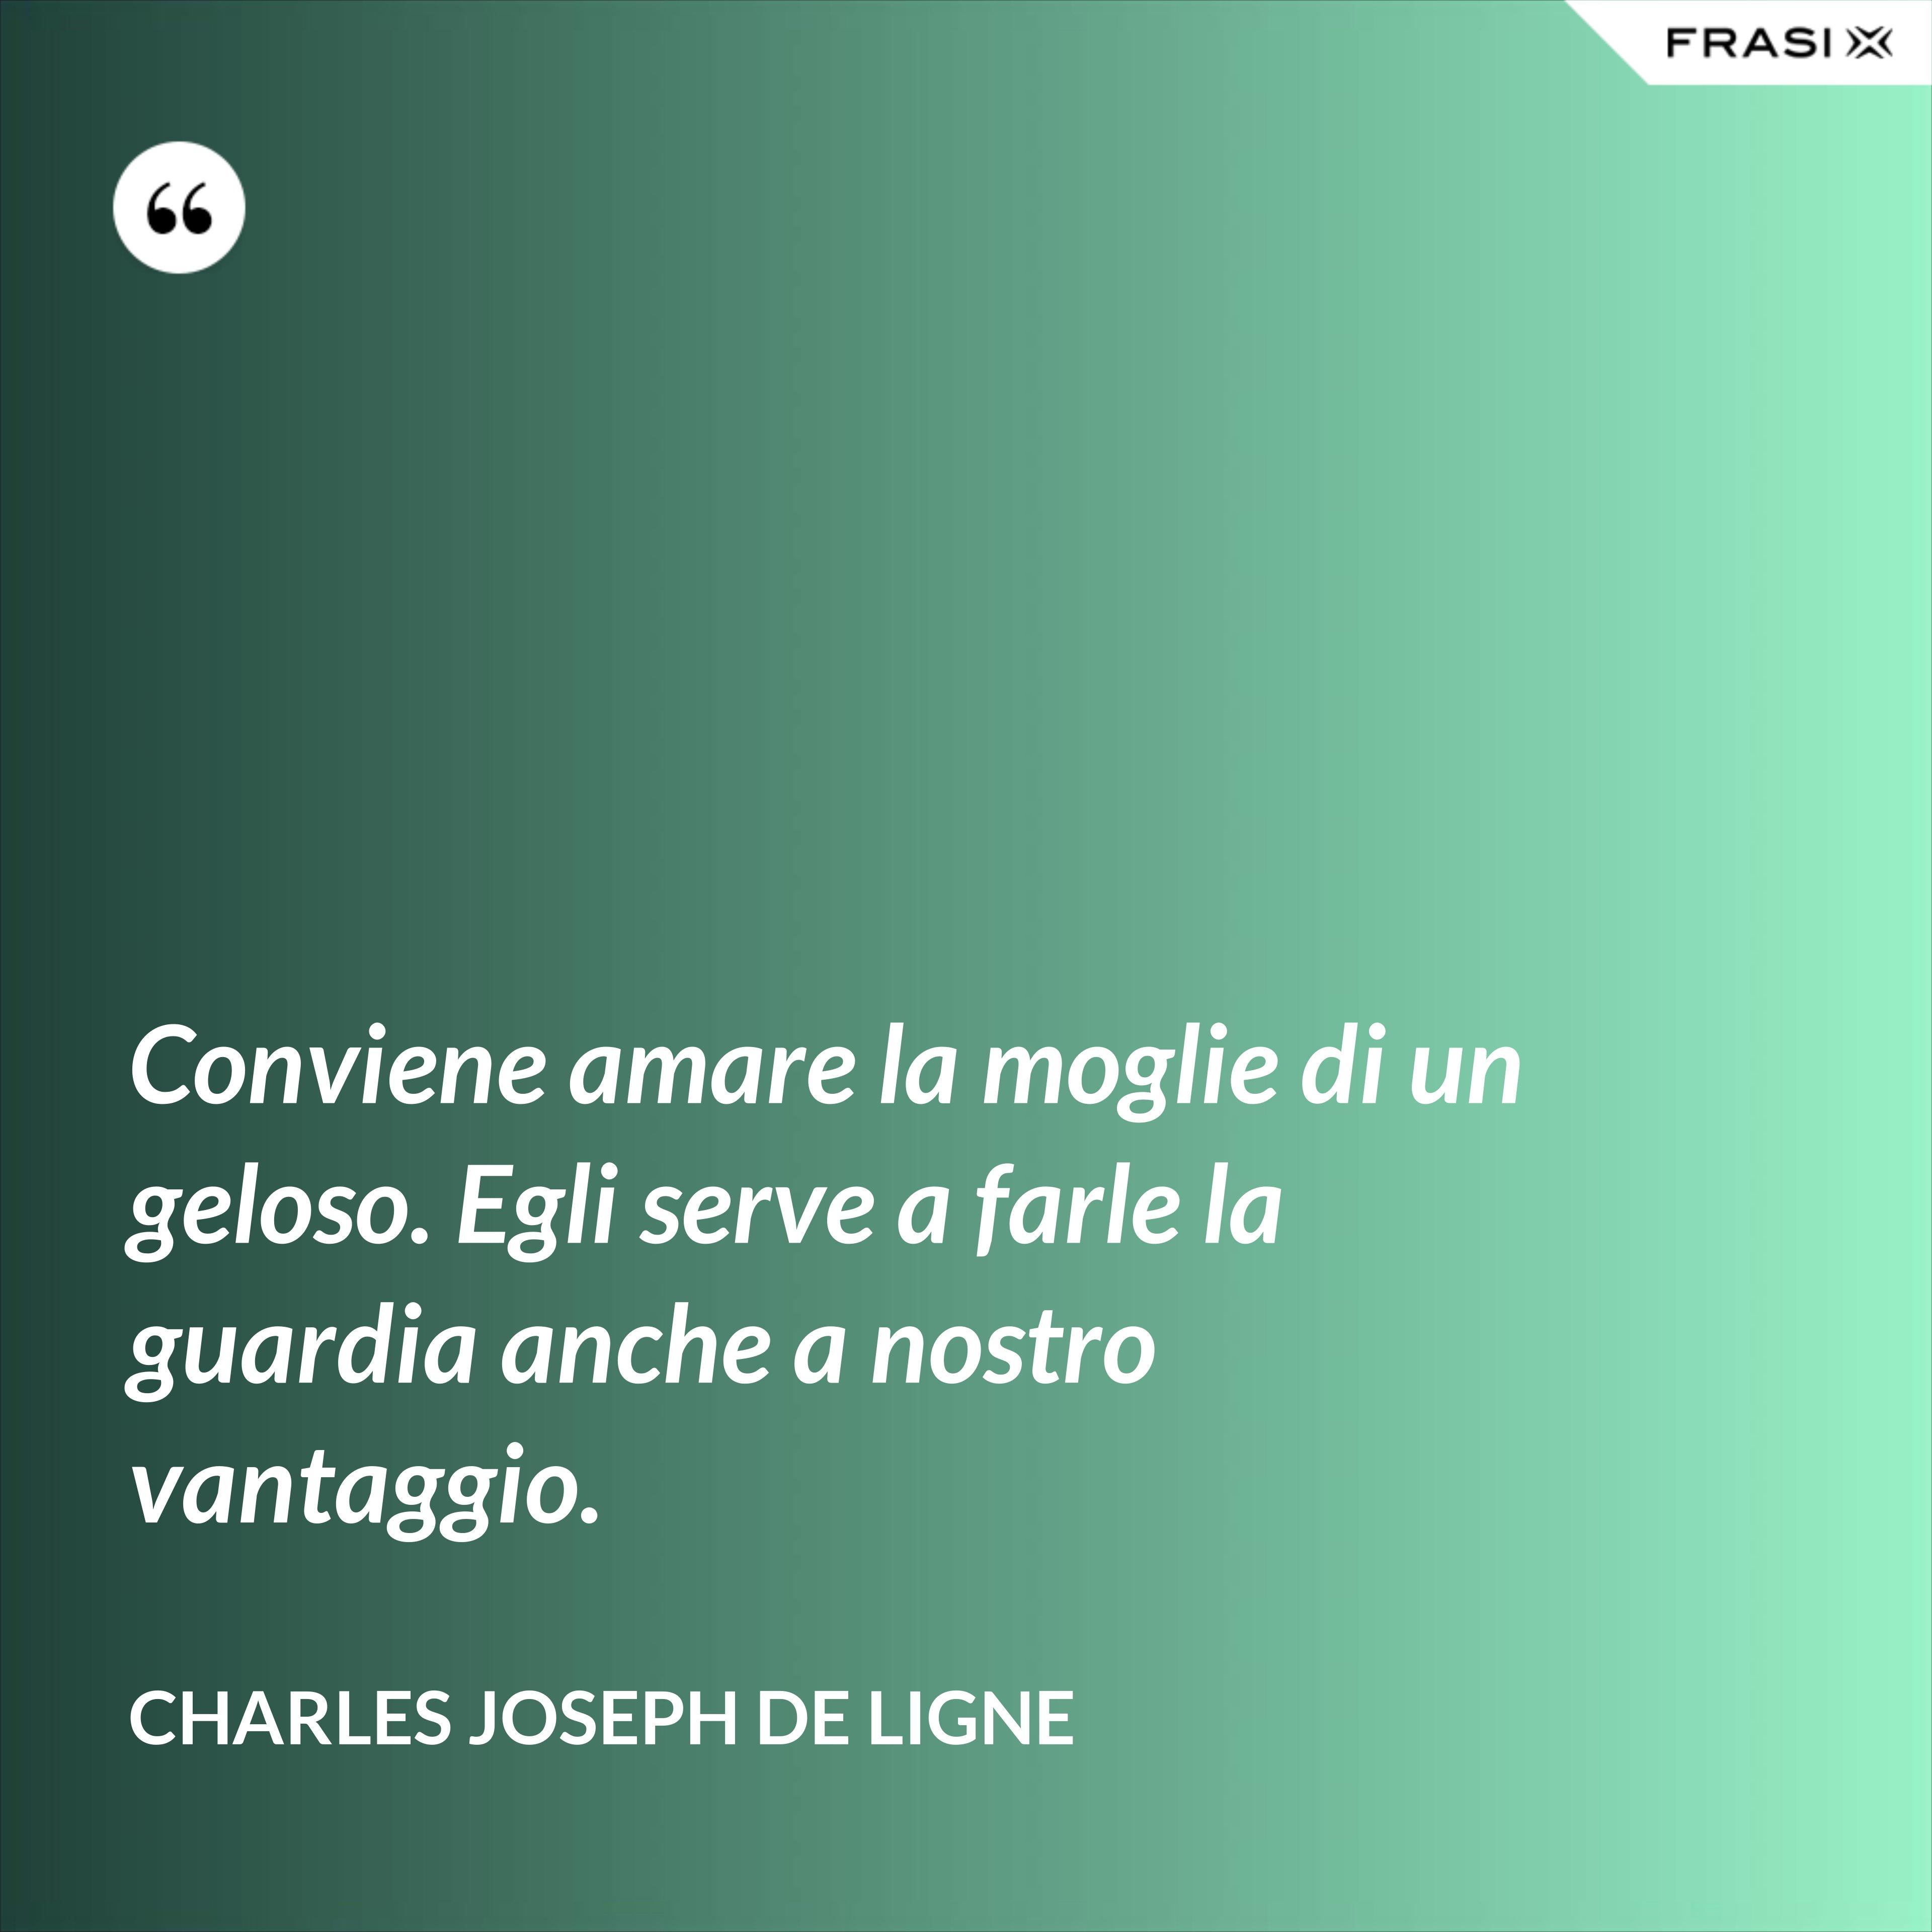 Conviene amare la moglie di un geloso. Egli serve a farle la guardia anche a nostro vantaggio. - Charles Joseph De Ligne